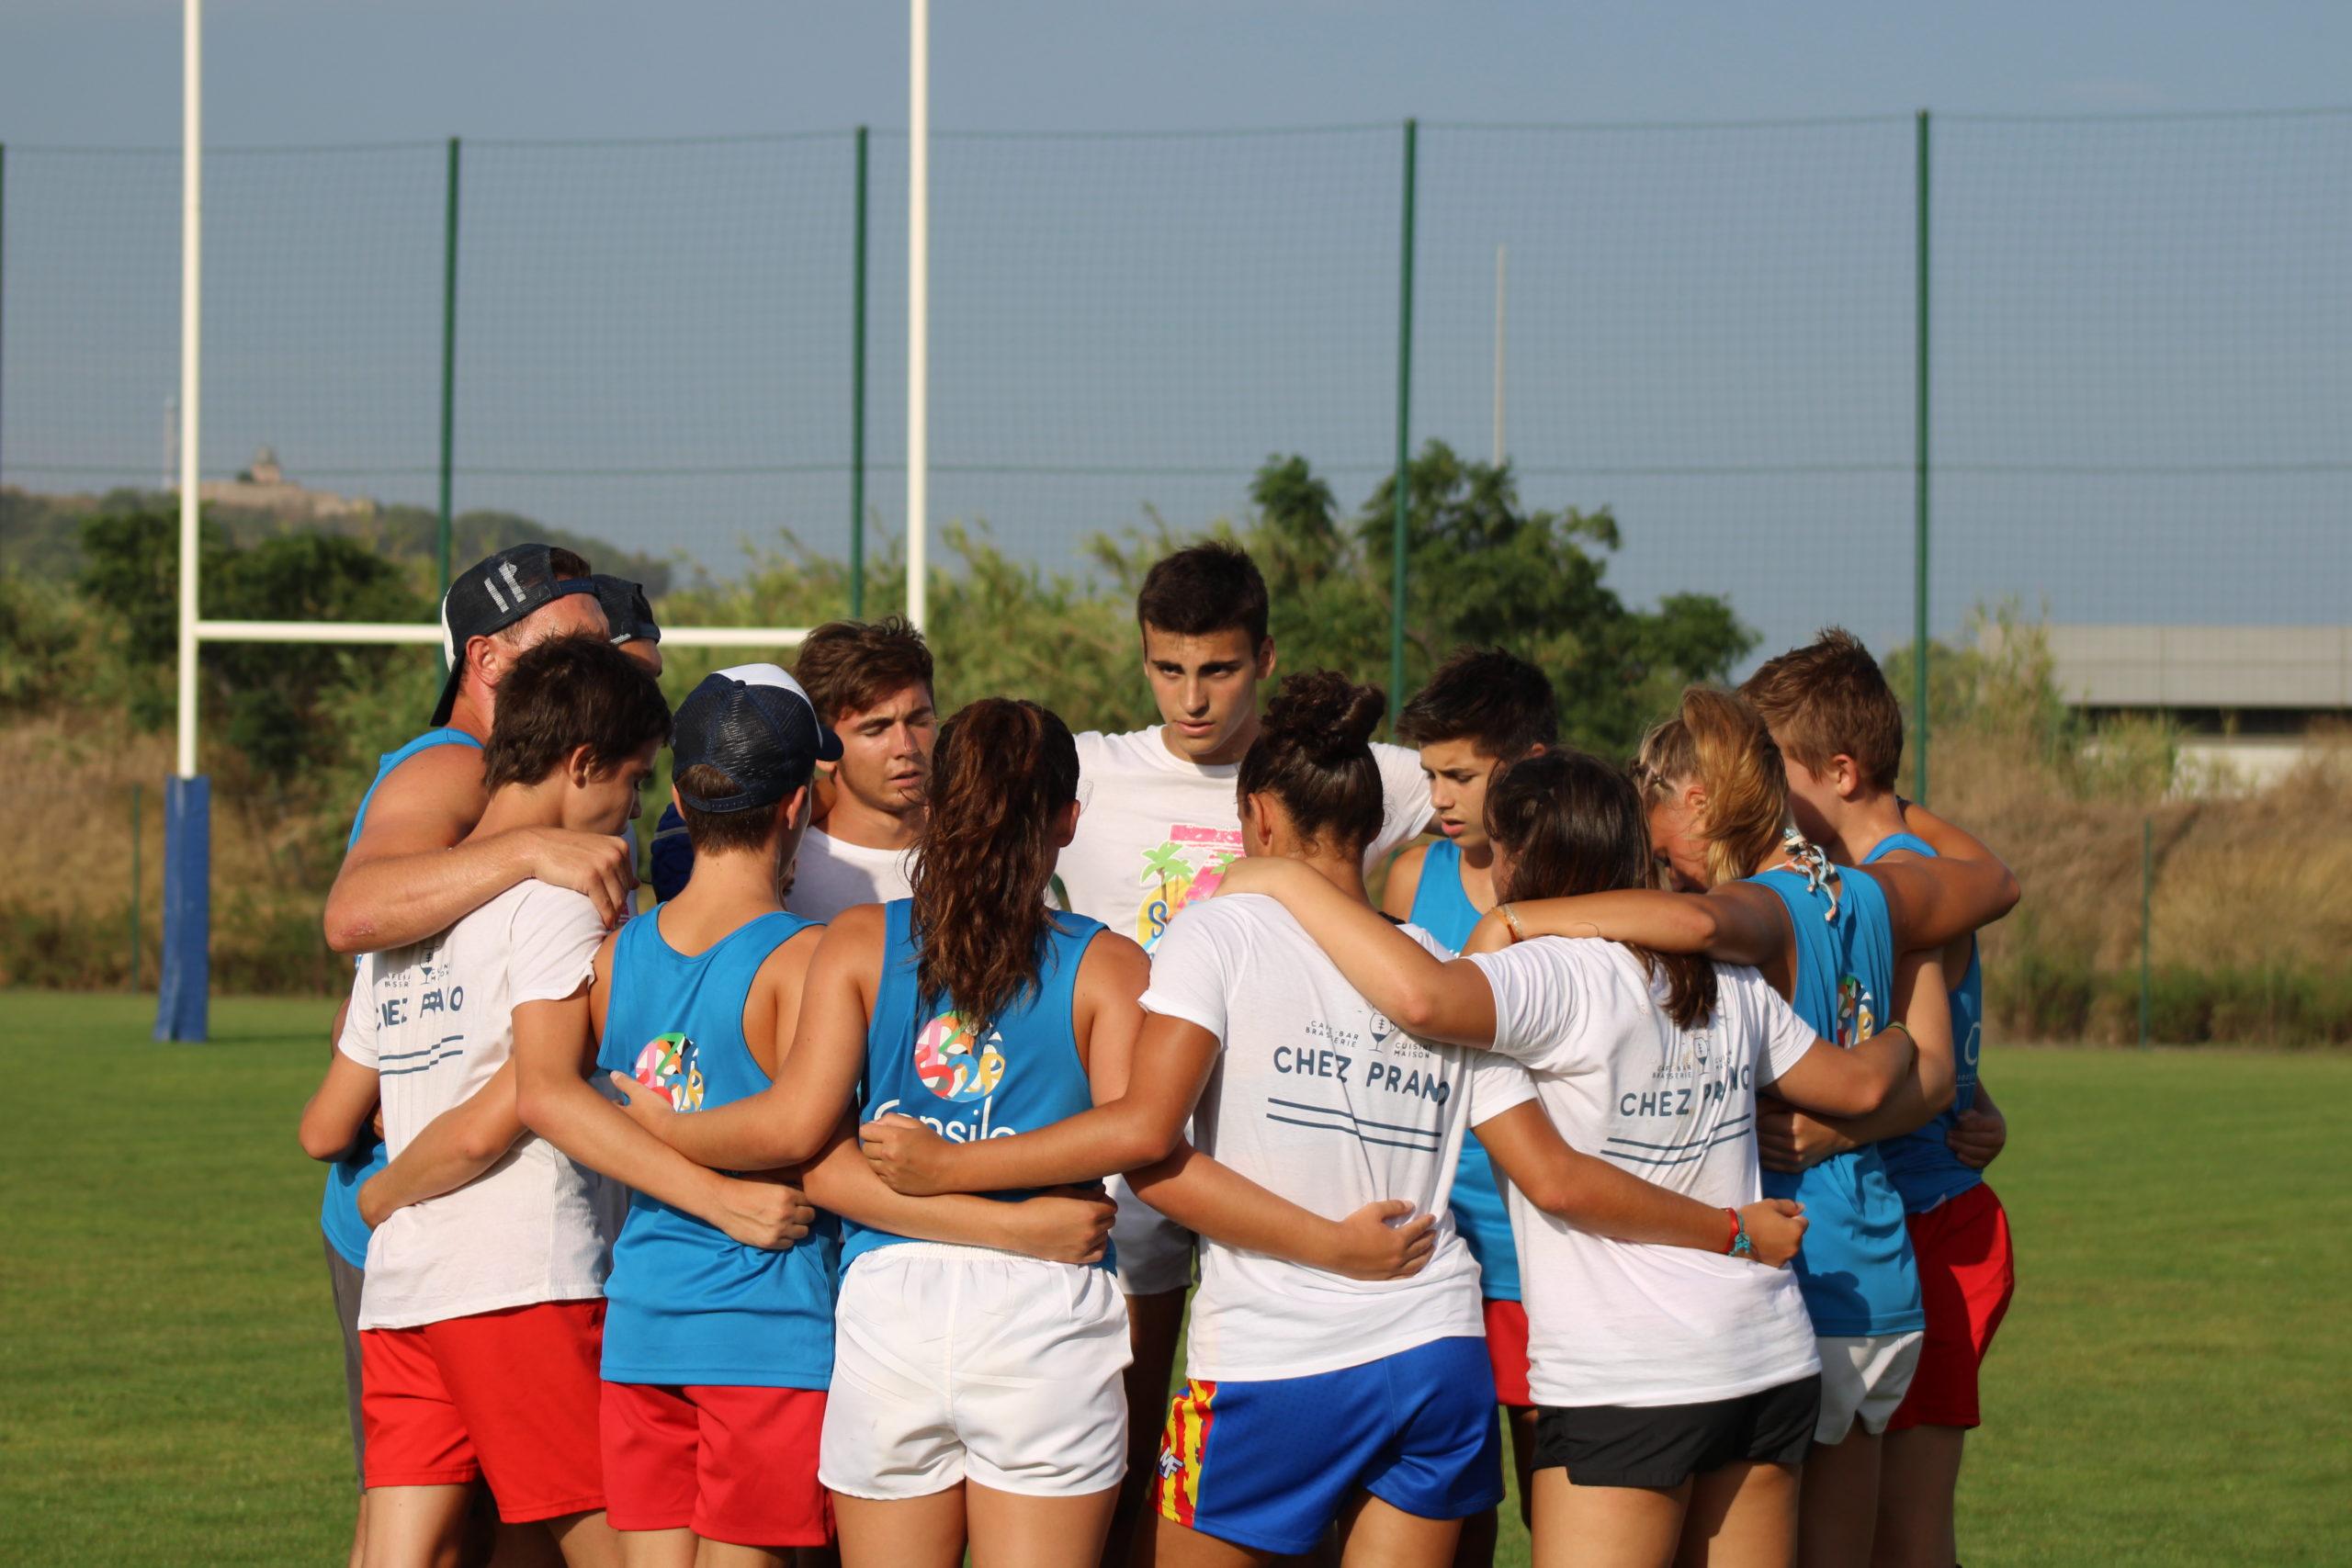 Le retour du stage de rugby à 7 pour les jeunes